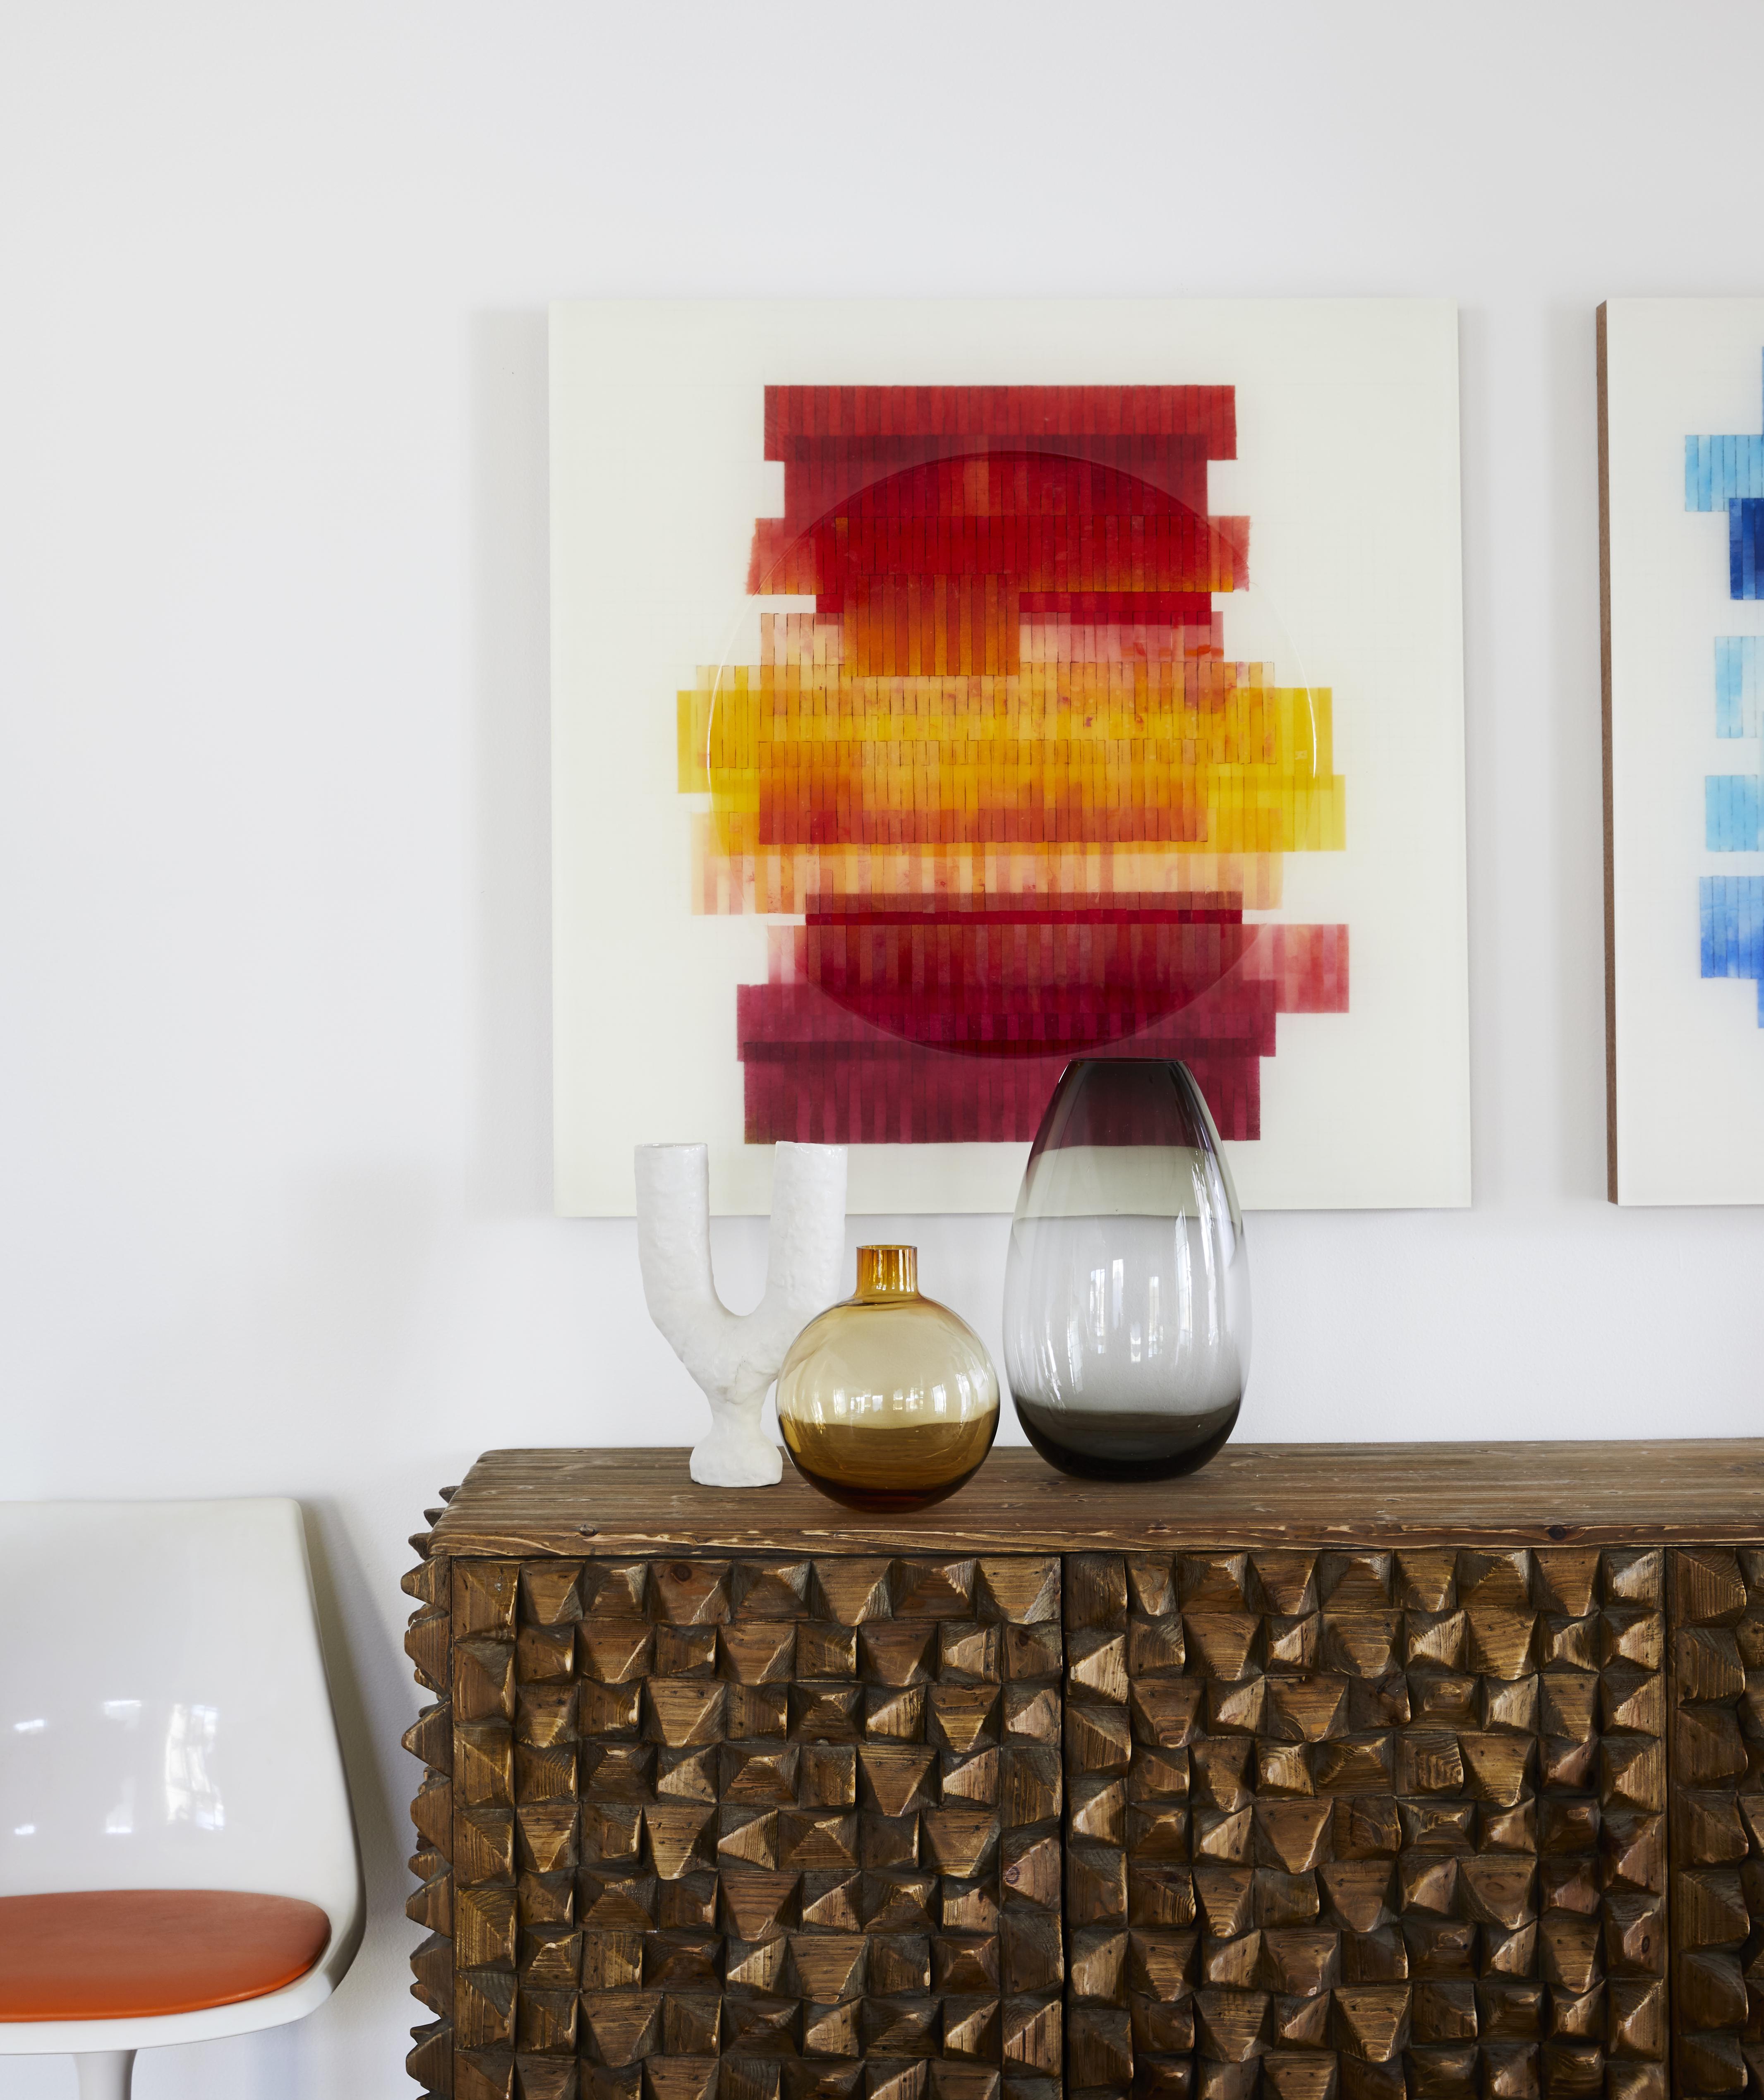 Family Room Details, Storyteller, Home Design - Valerie Legras Atelier